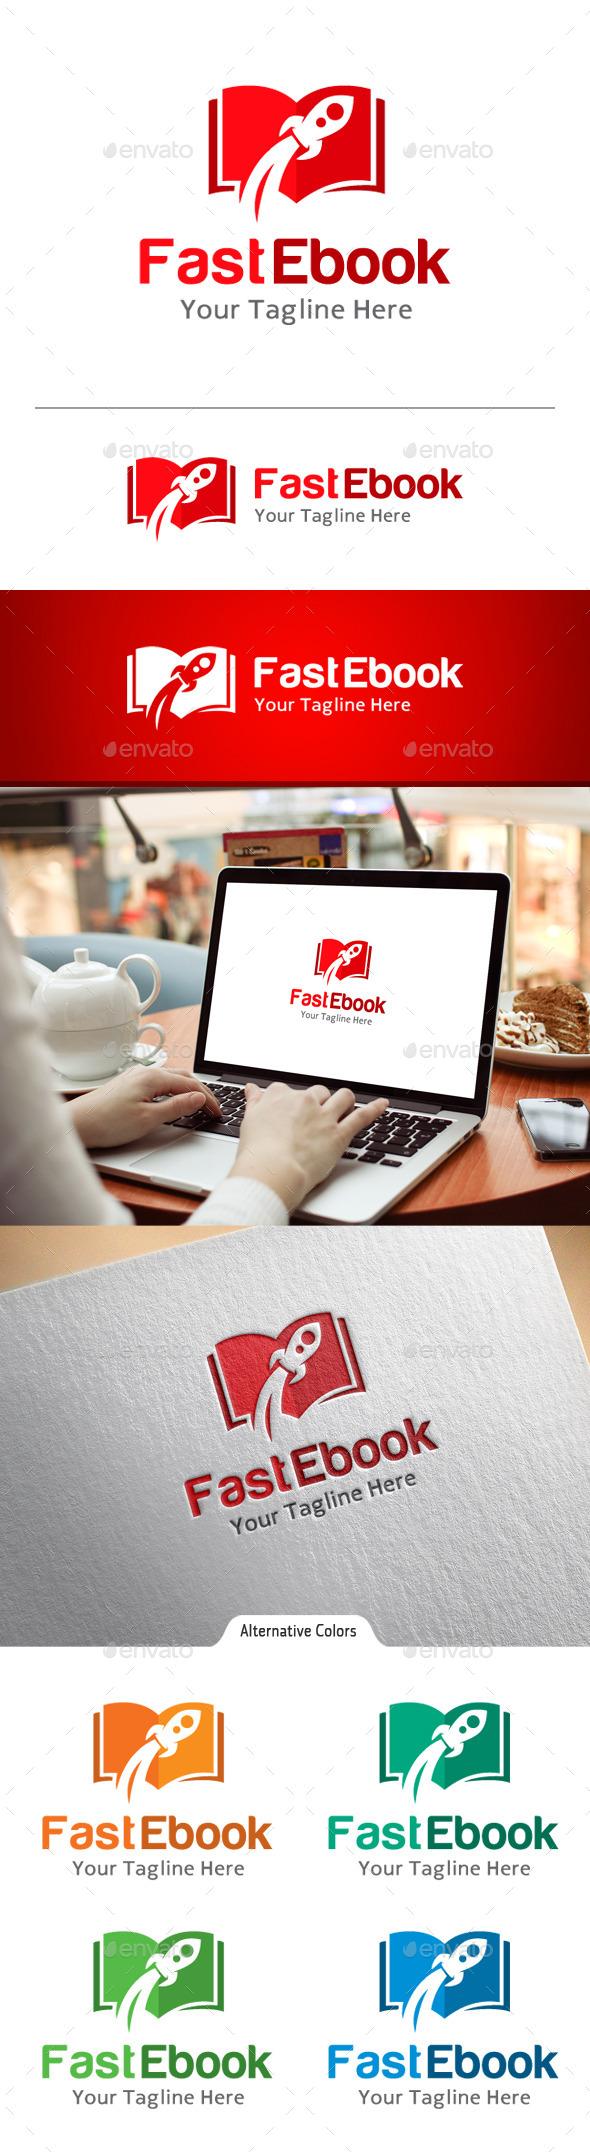 Fast Ebook Logo